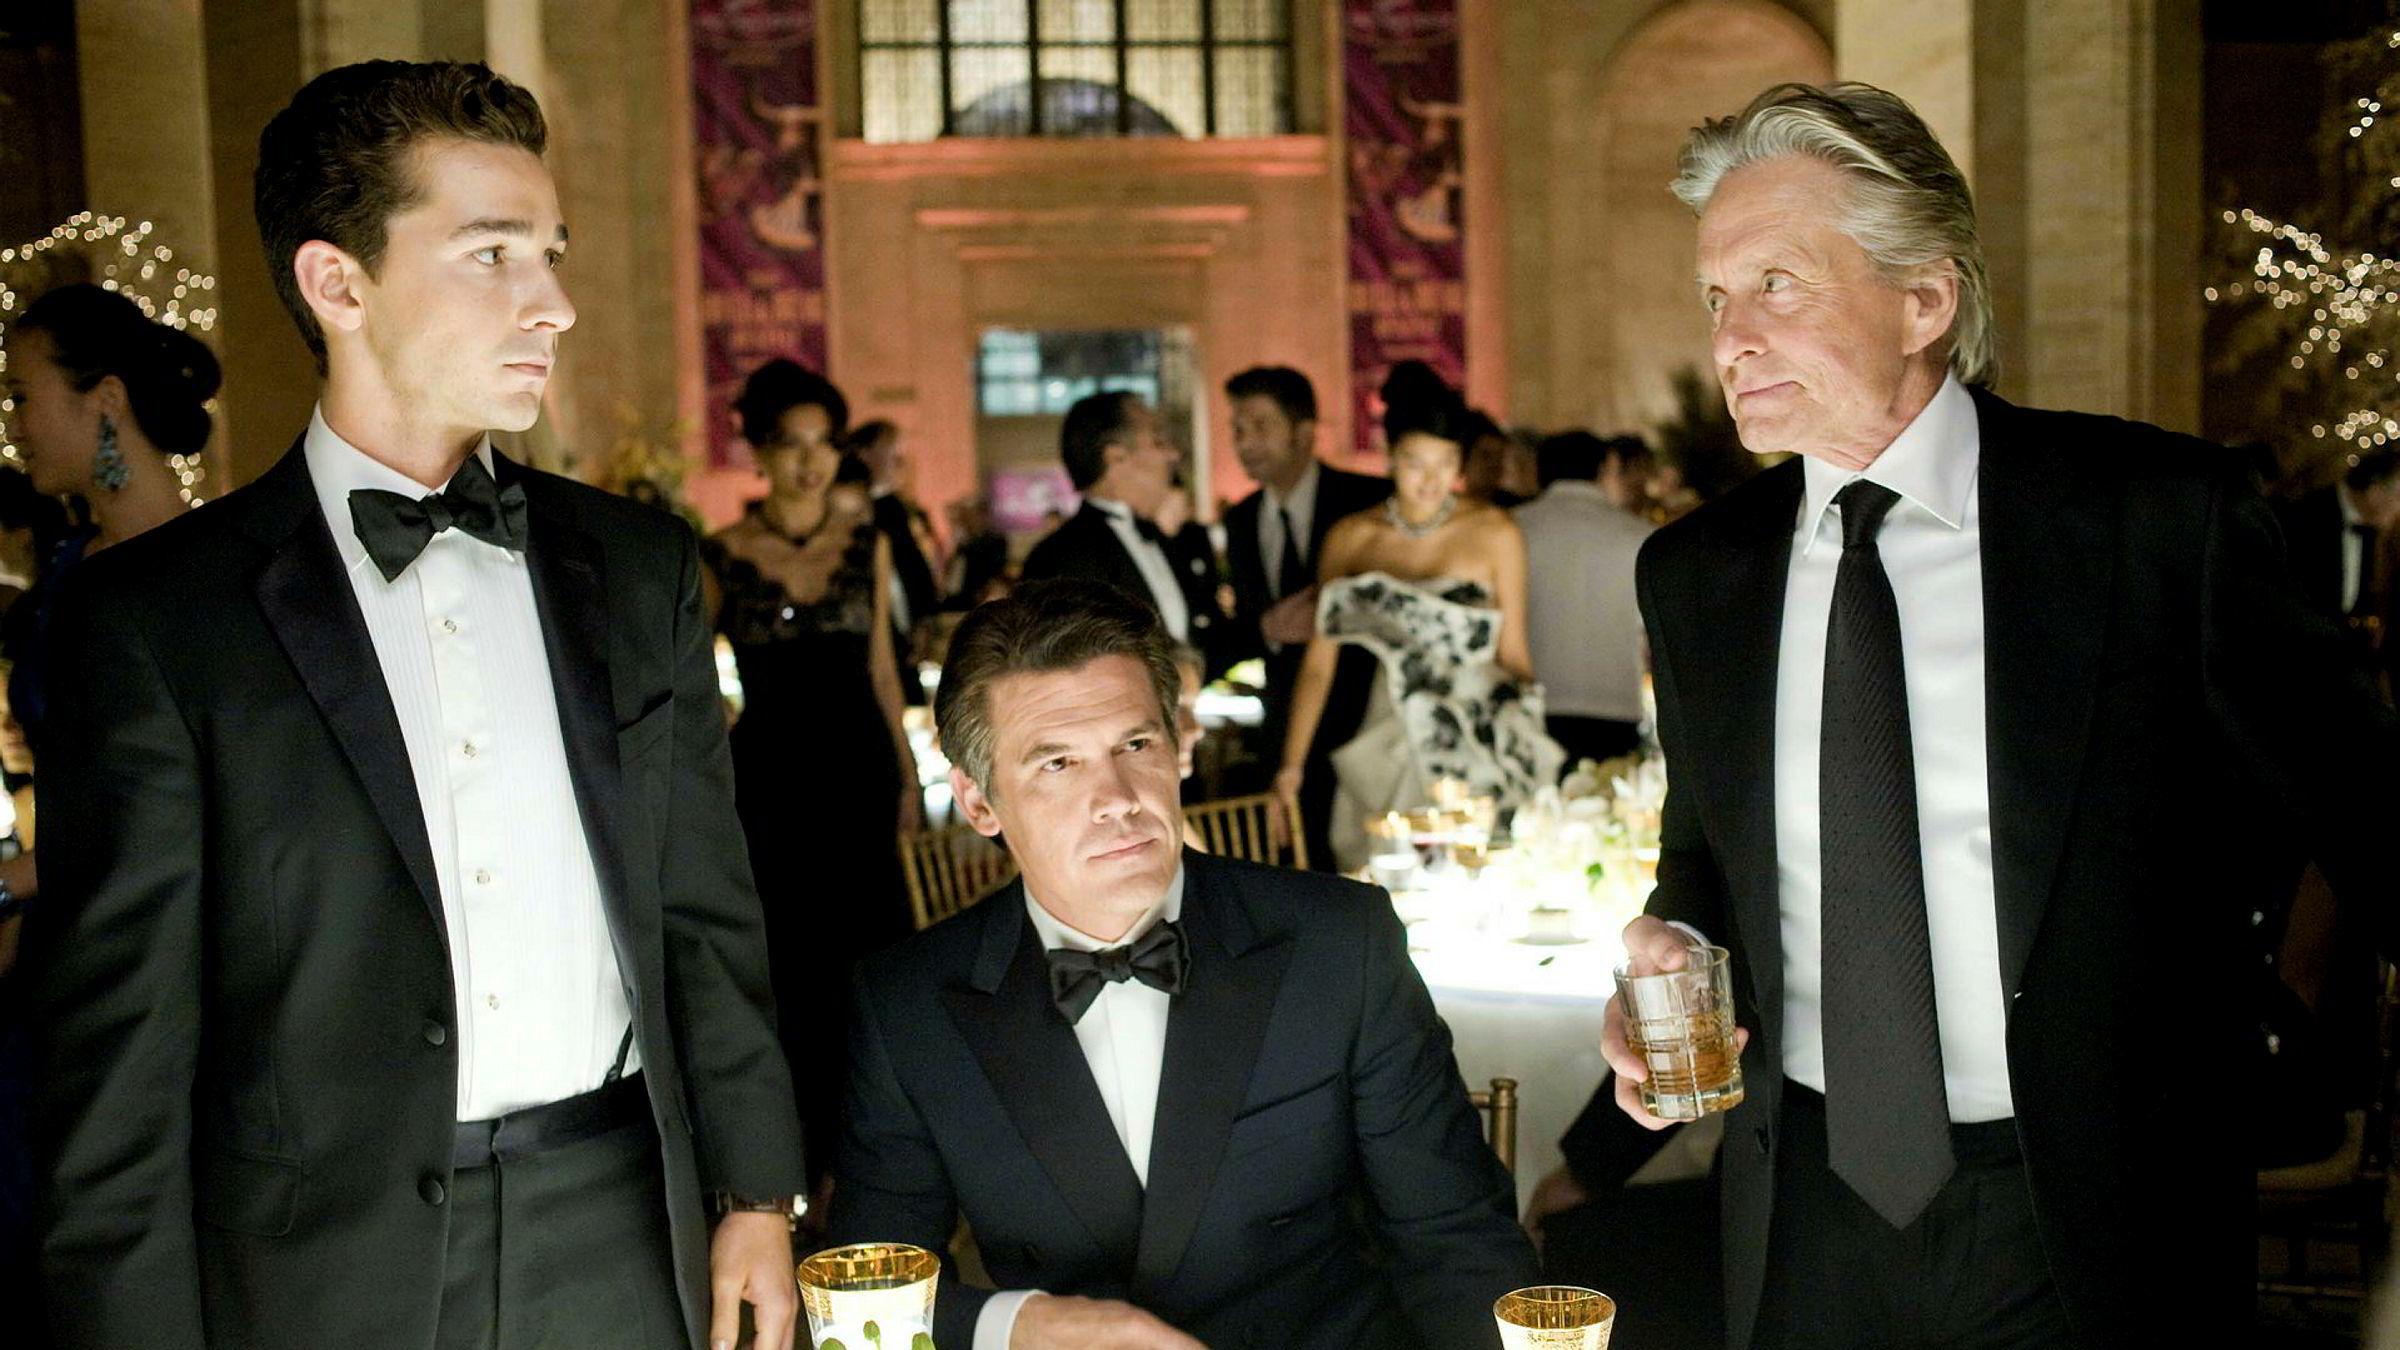 Is greed good? Ikke alle finansfolk greier å skape mening i det de driver med, slik Gordon Gekko (til høyre), spilt av Michael Douglas, fikk til i filmene «Wall Street» og «Wall Street: Money Never Sleeps»